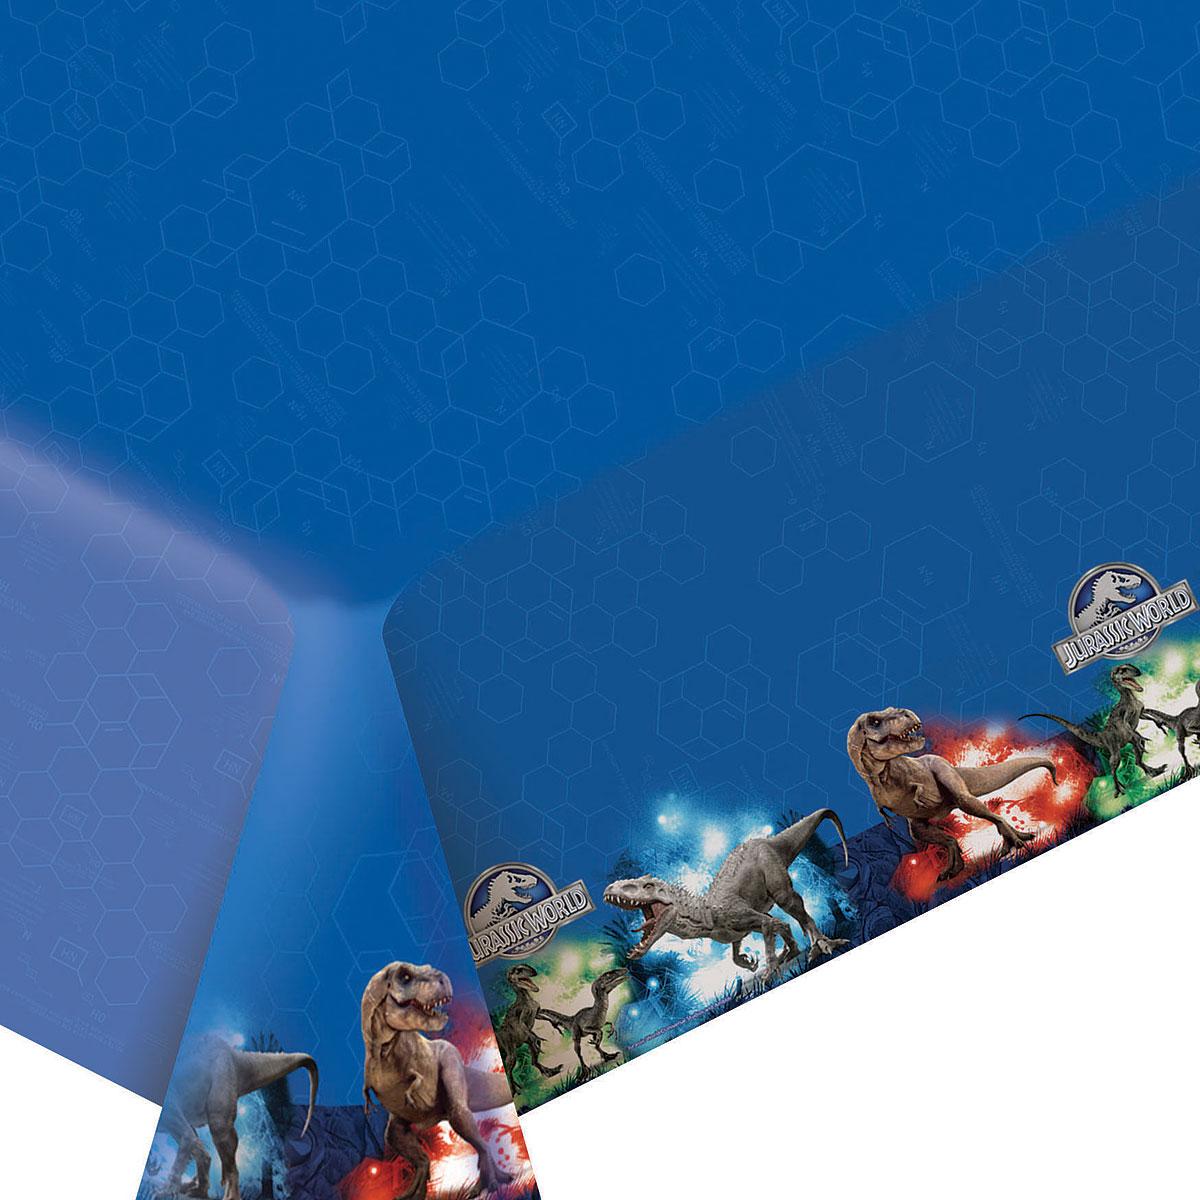 Universal Парк Юрского периода Скатерть 133*183 см Парк Юрского периода товары для праздника olala гирлянда c днем рождения парк юрского периода